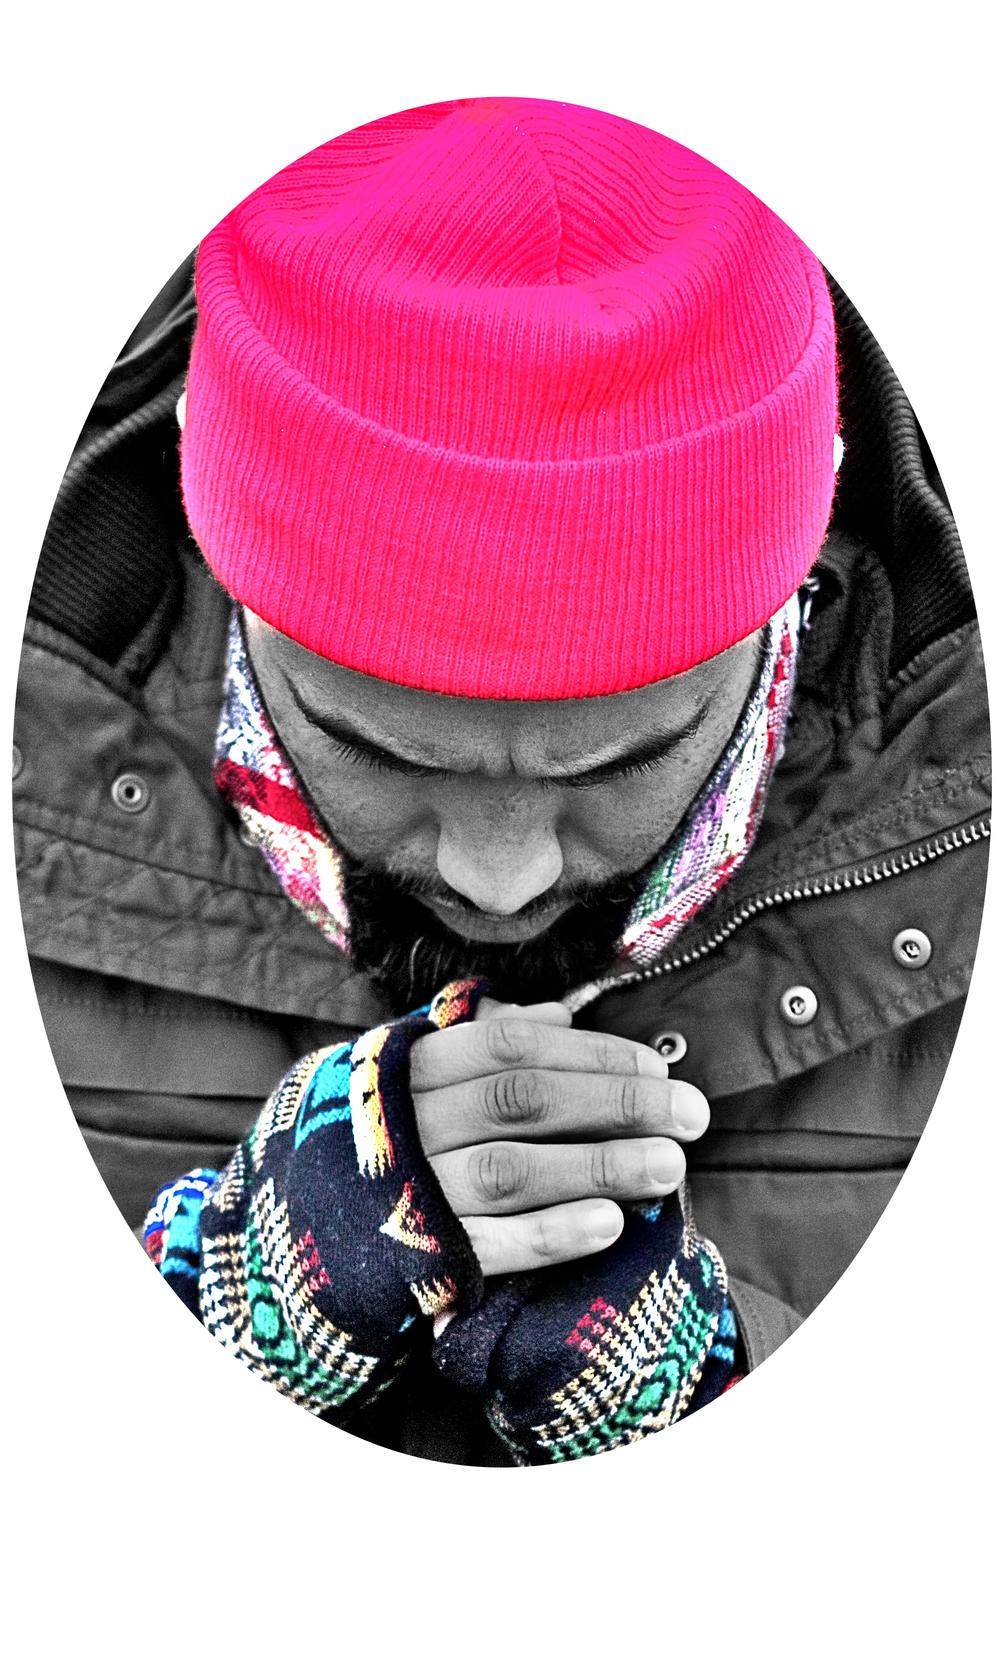 Praying4.jpg